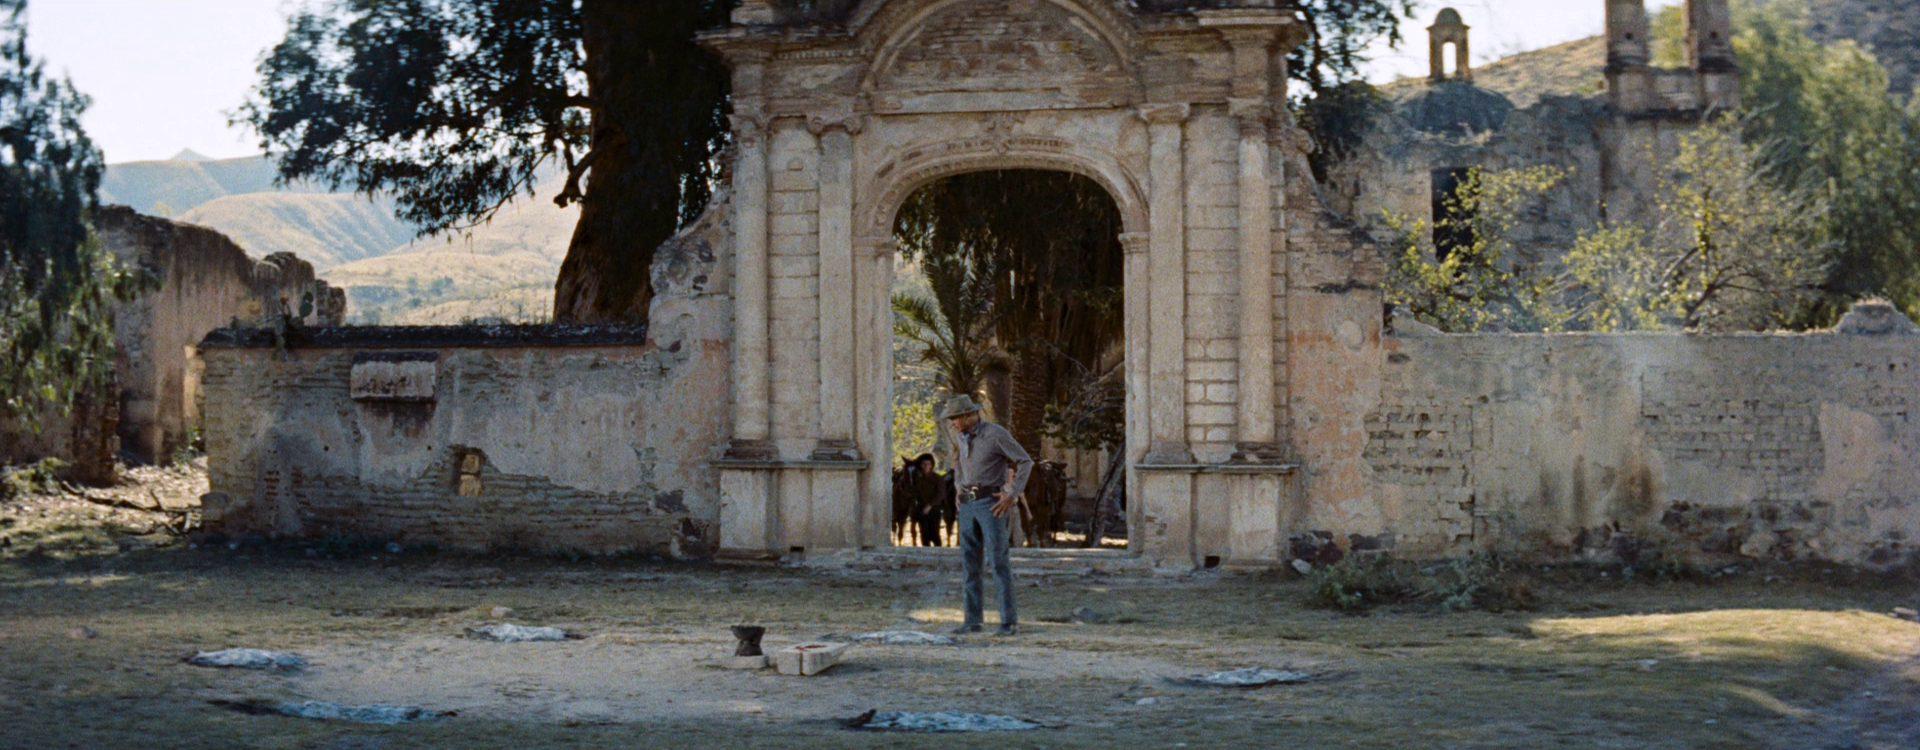 Hooker, gespielt von Gary Cooper, steht bei schönem Wetter vor der Mauer einer mexikanischen Ruine und blickt zu Boden.